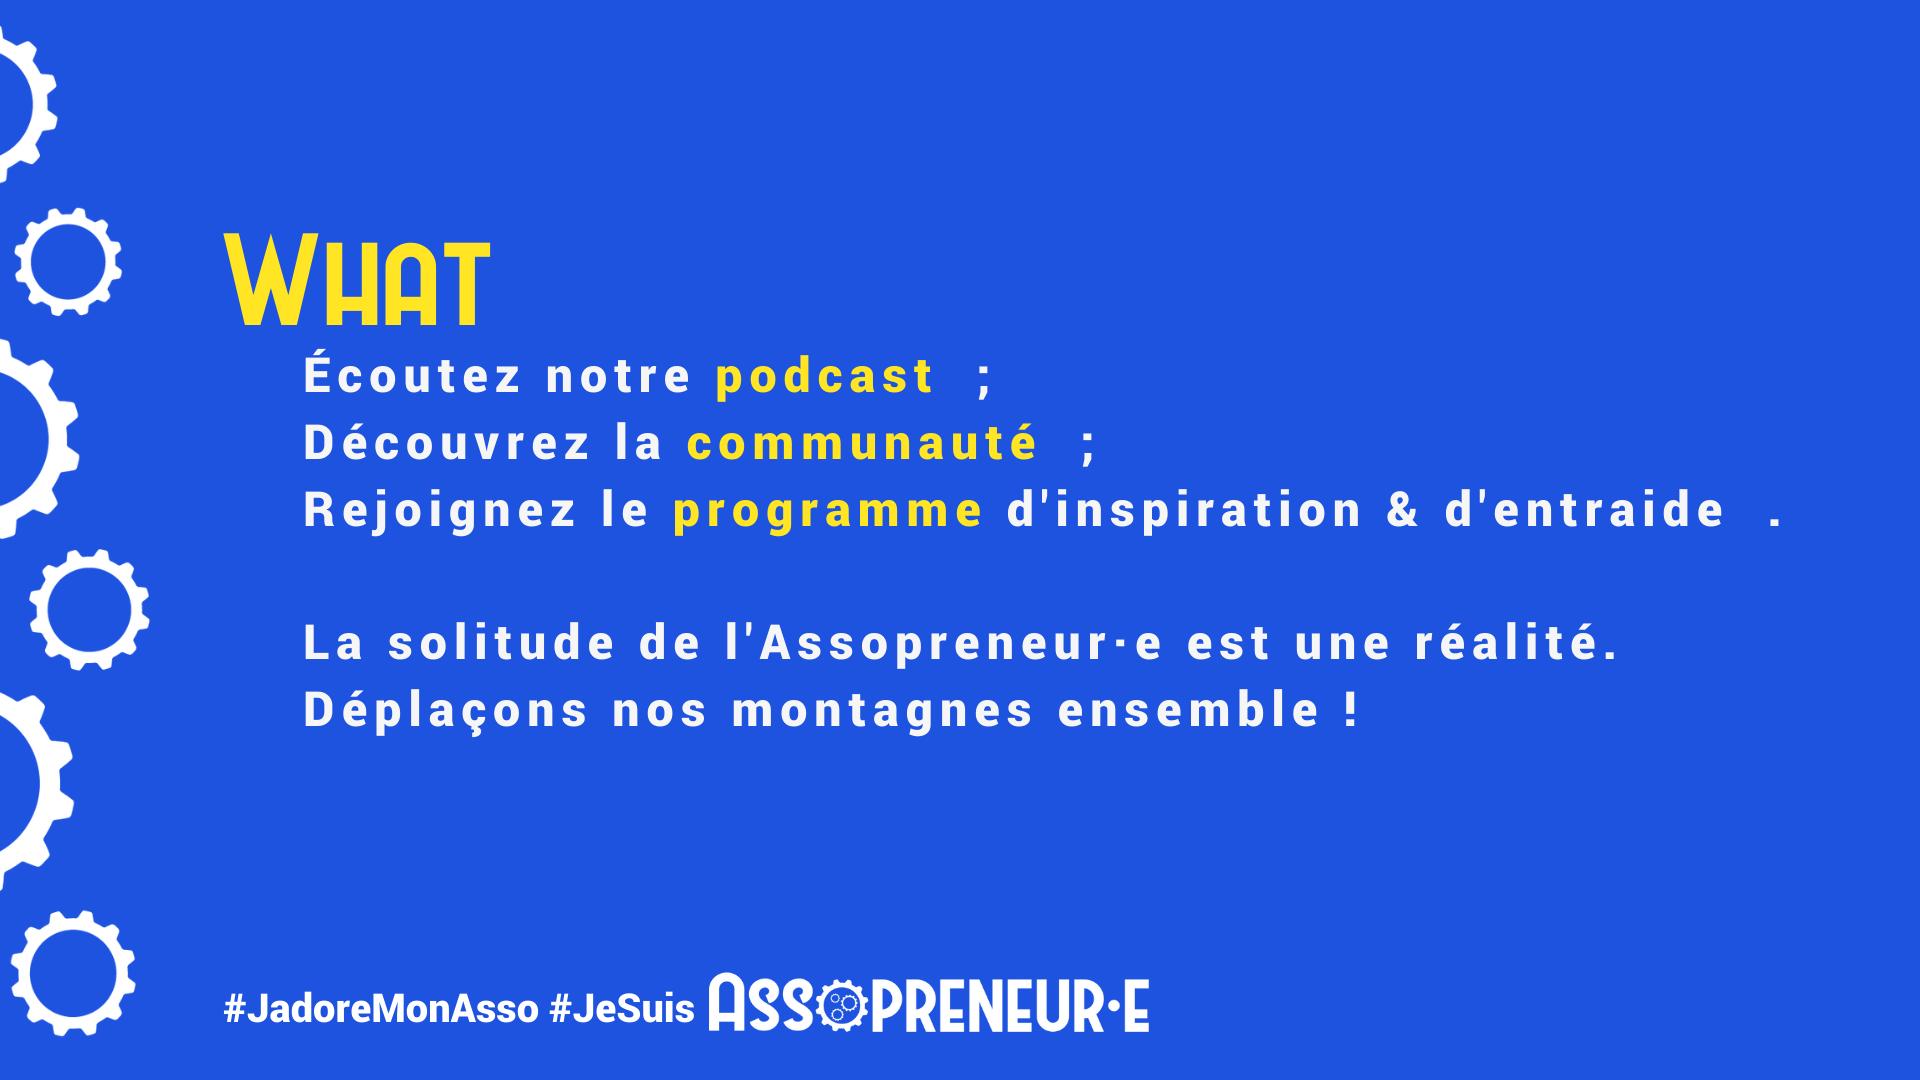 Un podcast, une communauté et un programe d'inspiration et d'entraide